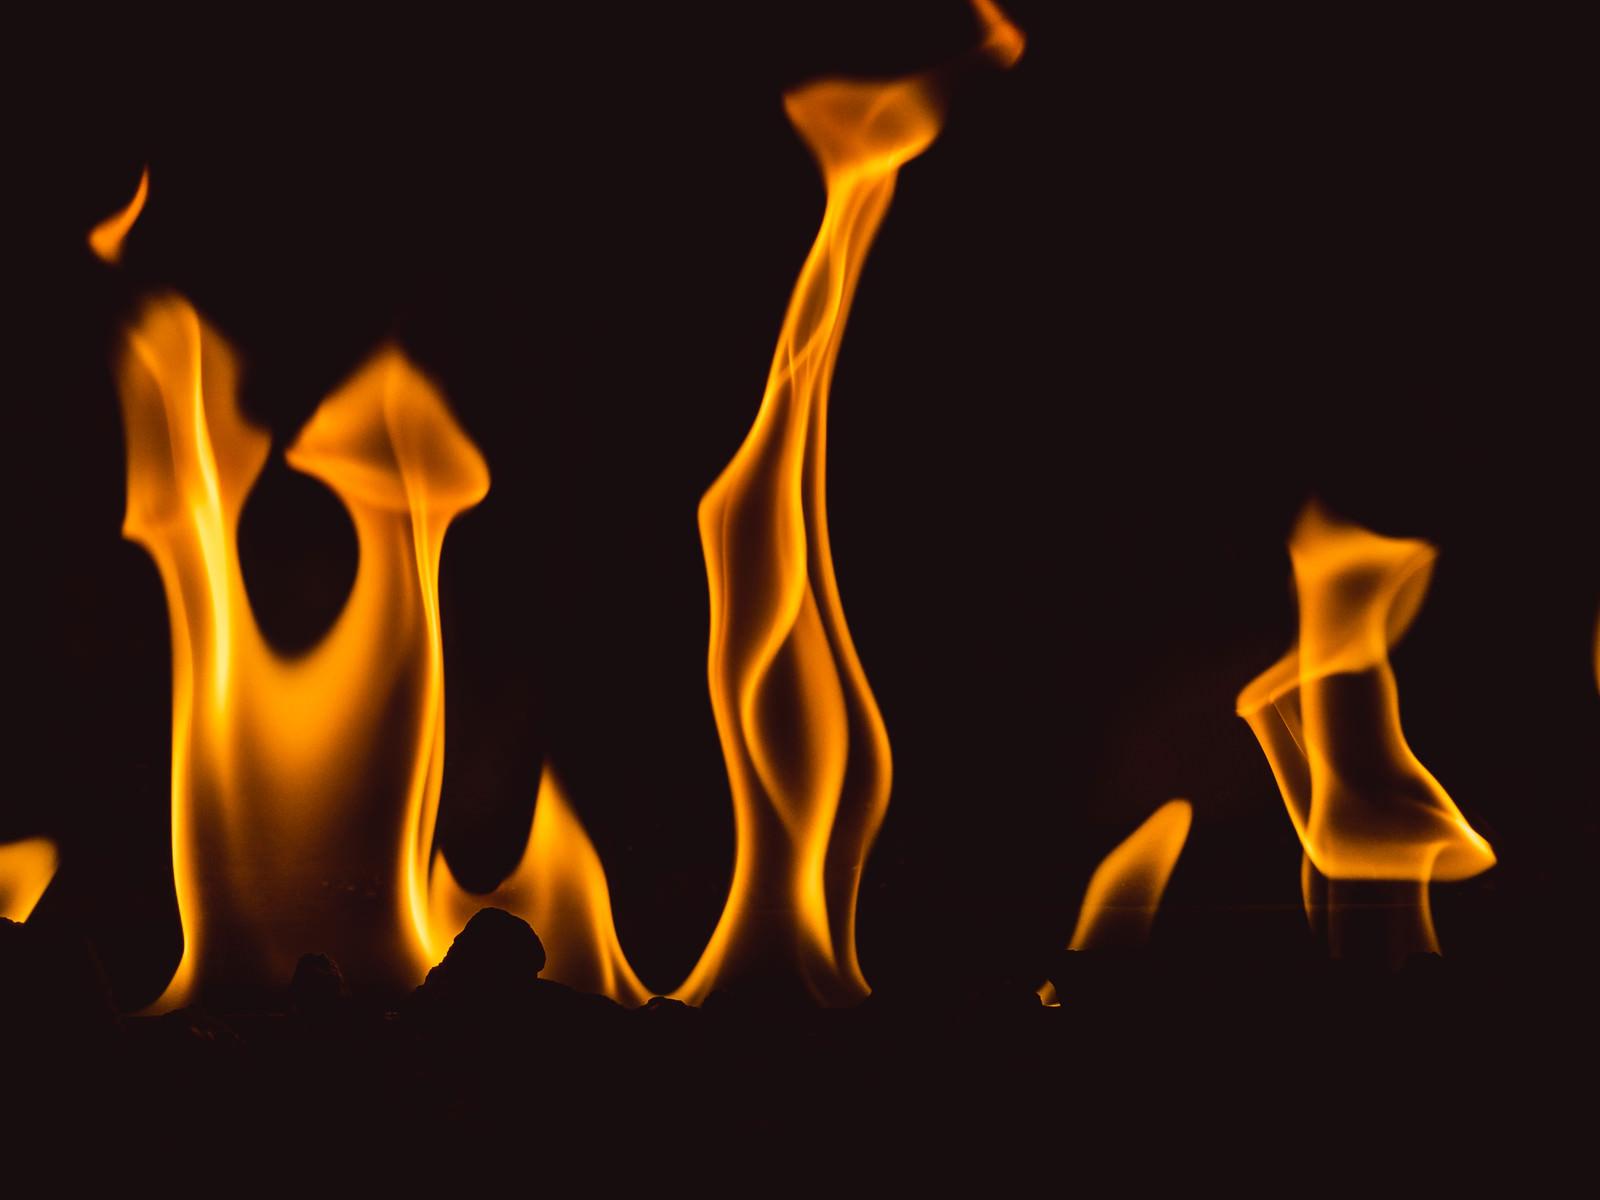 「メラメラ(炎)」の写真